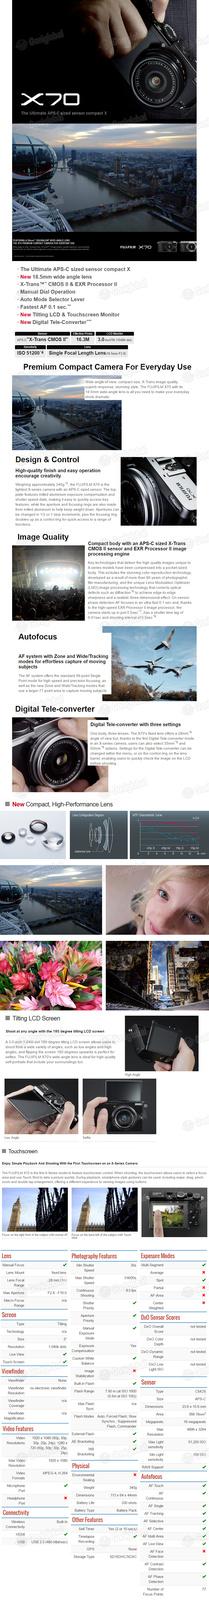 FUJIFILM Fujifilm X70 Compact Camera / Touch Screen / Hybrid AF / WIFI / Full HD